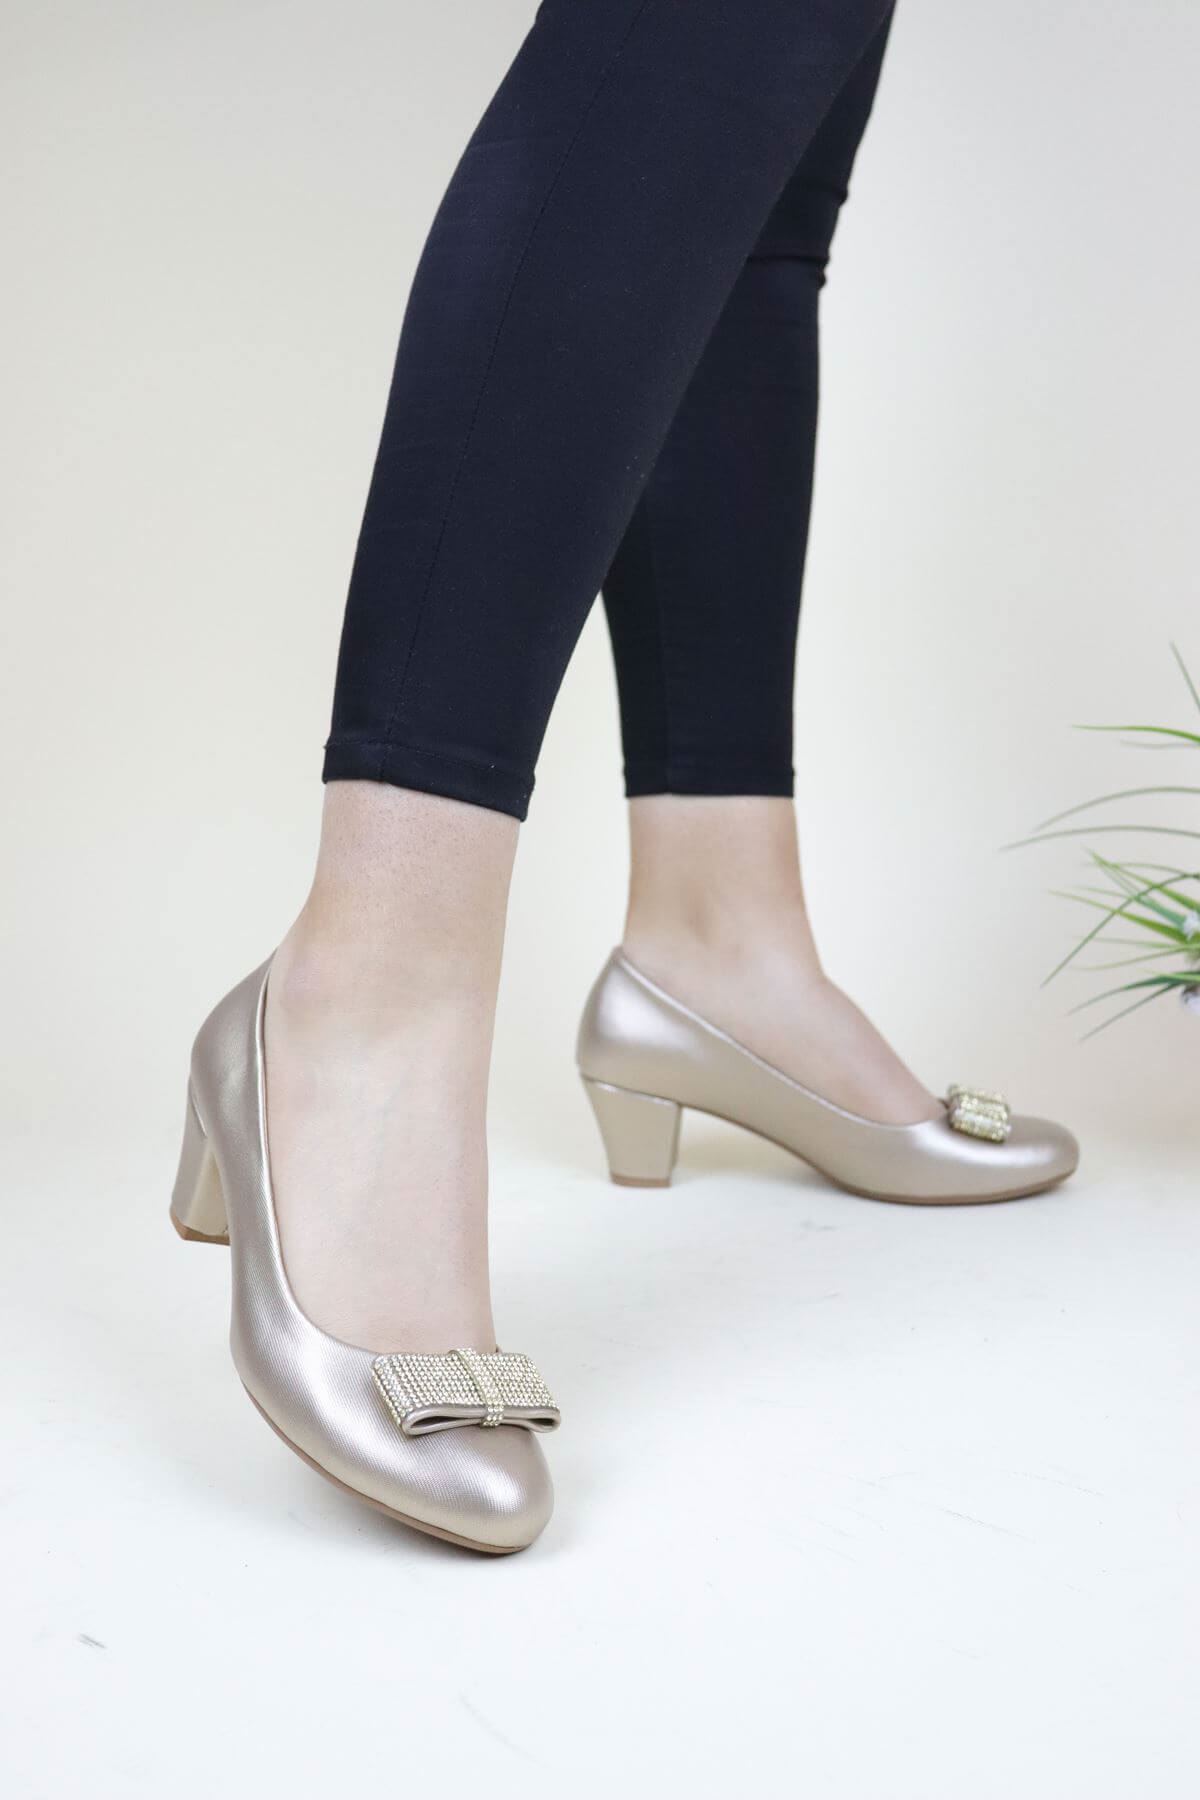 Trend Ayakkabı 0137 Altın Taşlı Kadın Ayakkabı